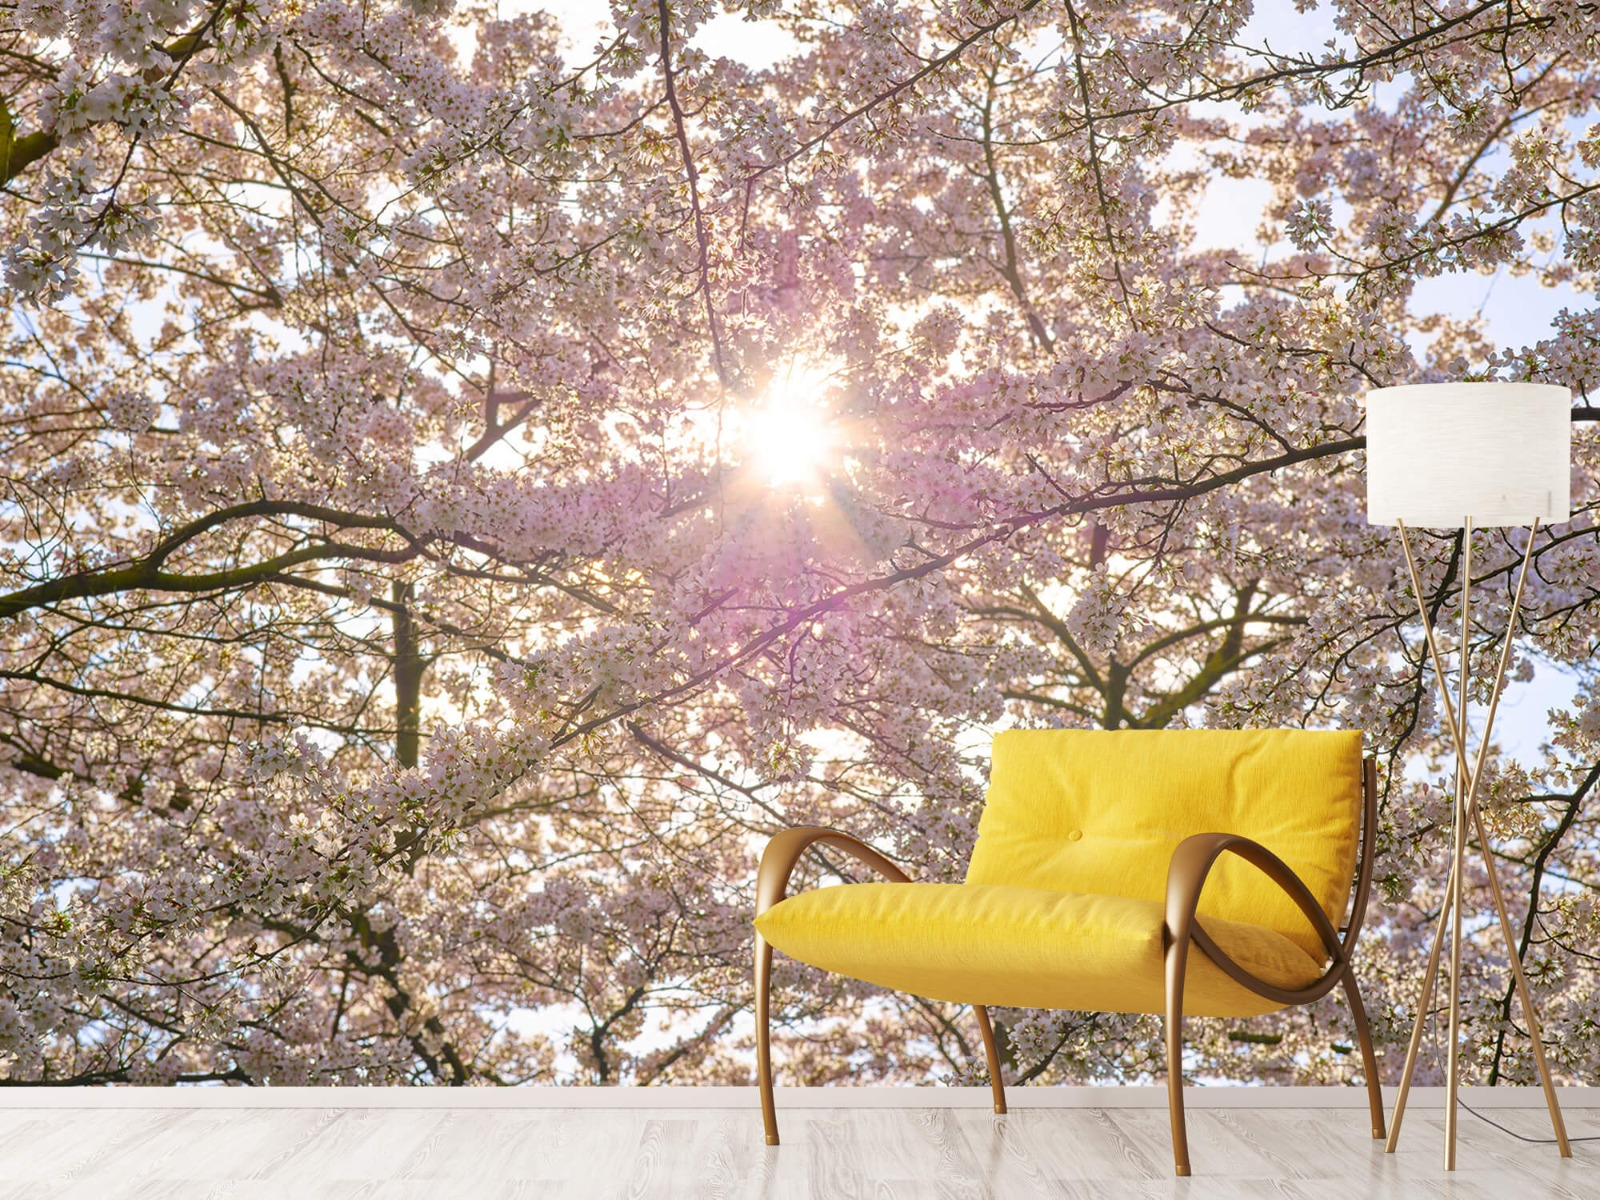 Zon - Bloesem in de zon - Woonkamer 10